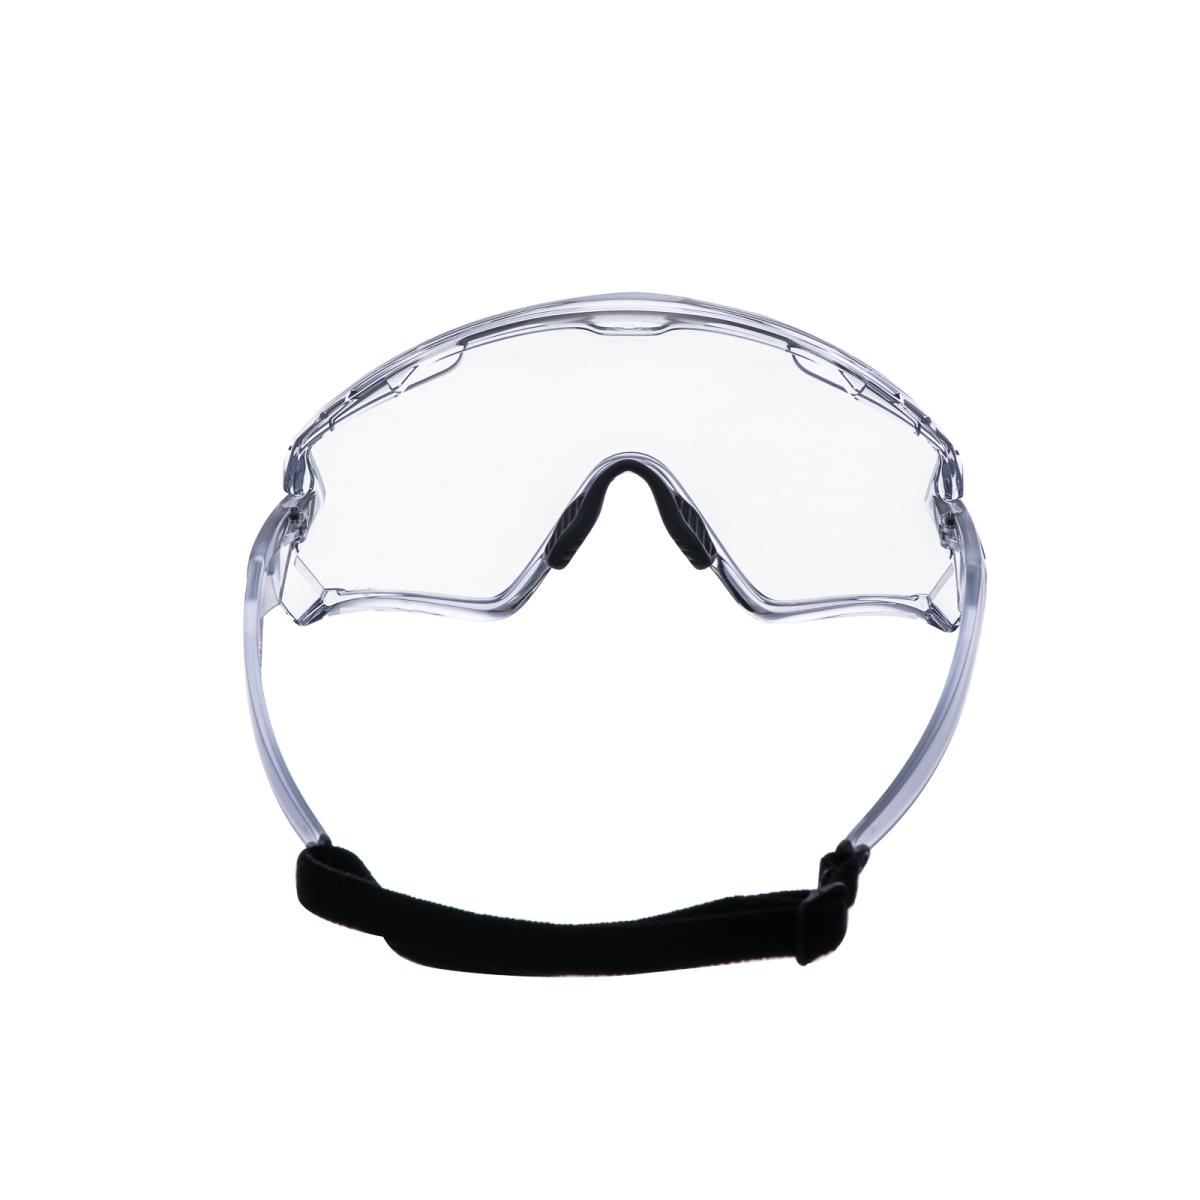 fbeeff5234 OAKLEY BY SAMUEL ROSS Sunglasses EYEWEAR for Men